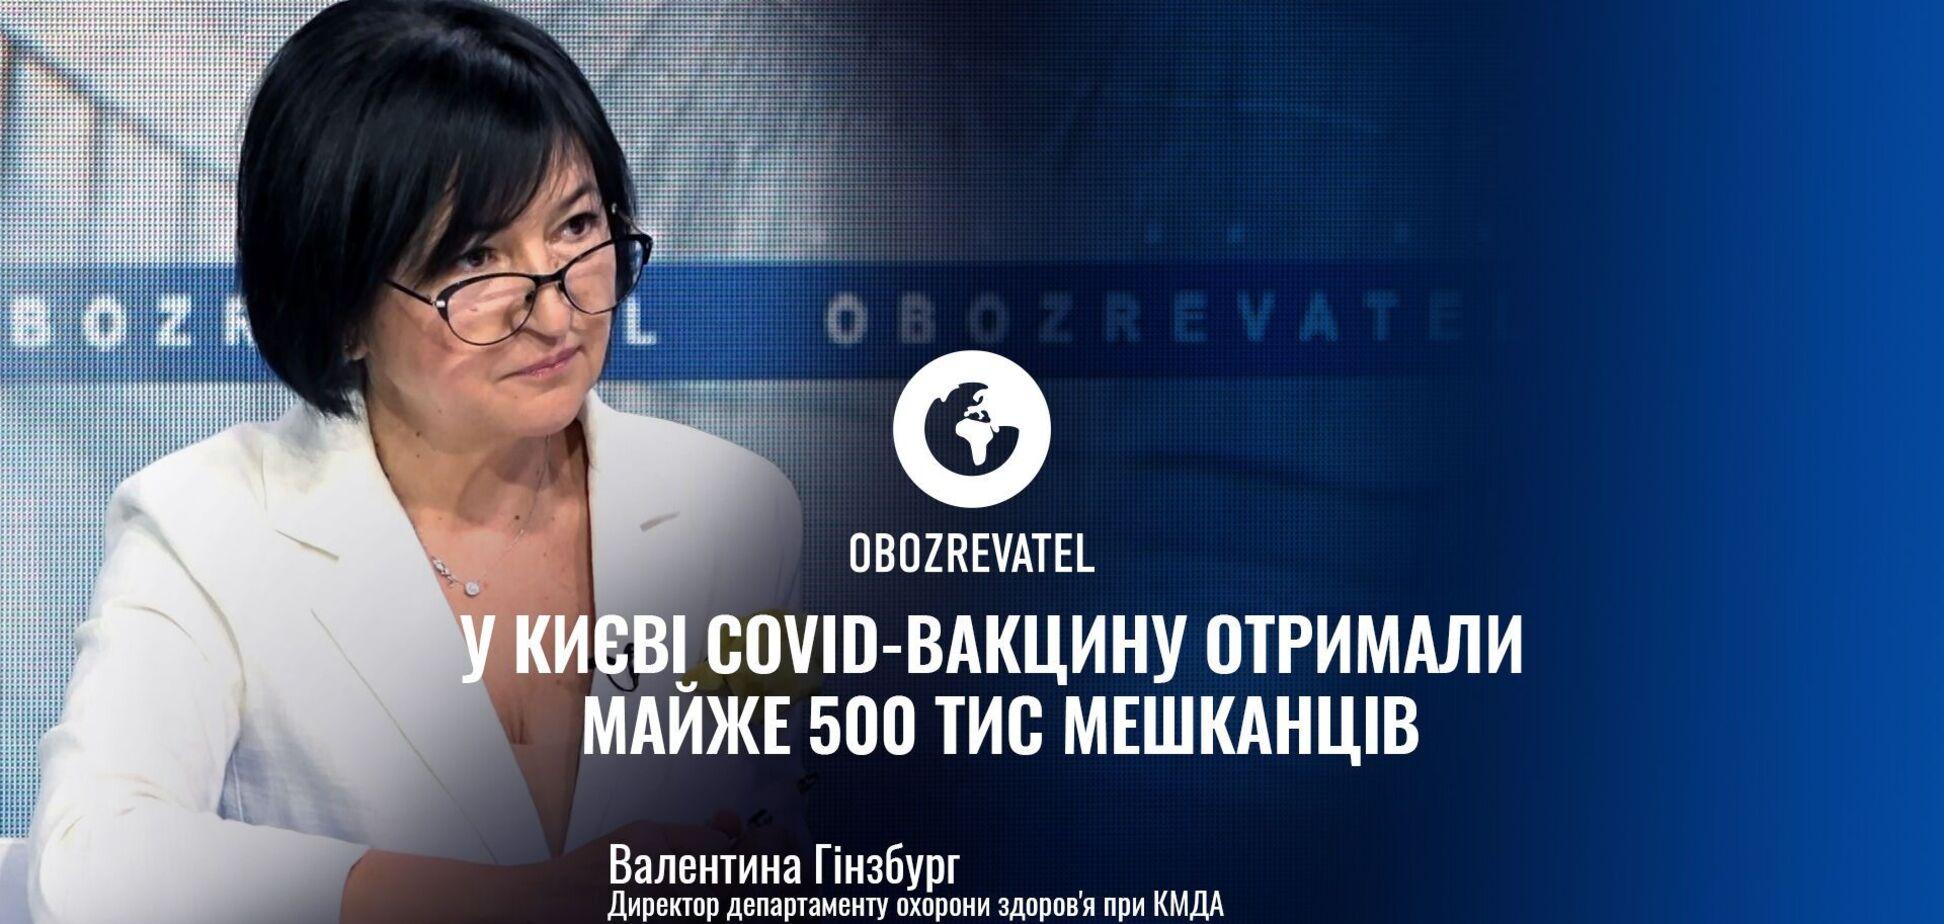 Вакцинировать 500 тысяч киевлян смогли благодаря 21-му центру, которые расположены по районам столицы, – Гинзбург